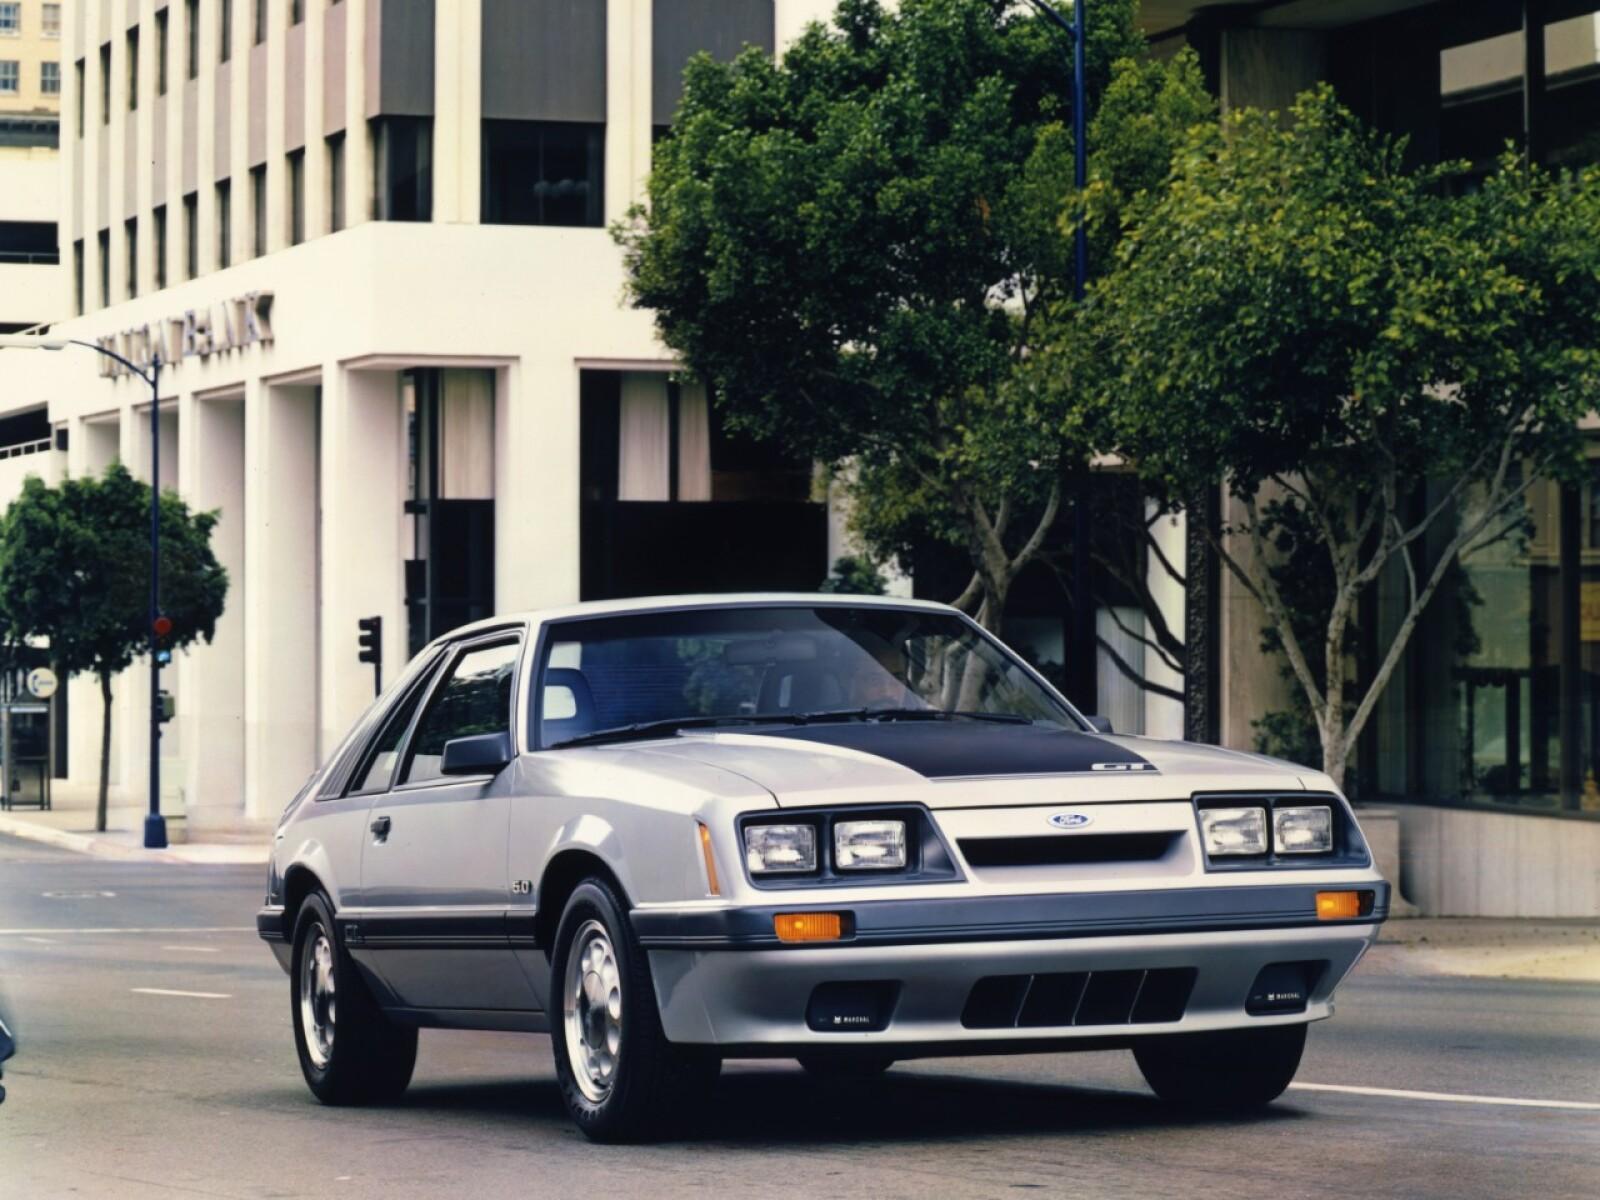 Mustang's V-8